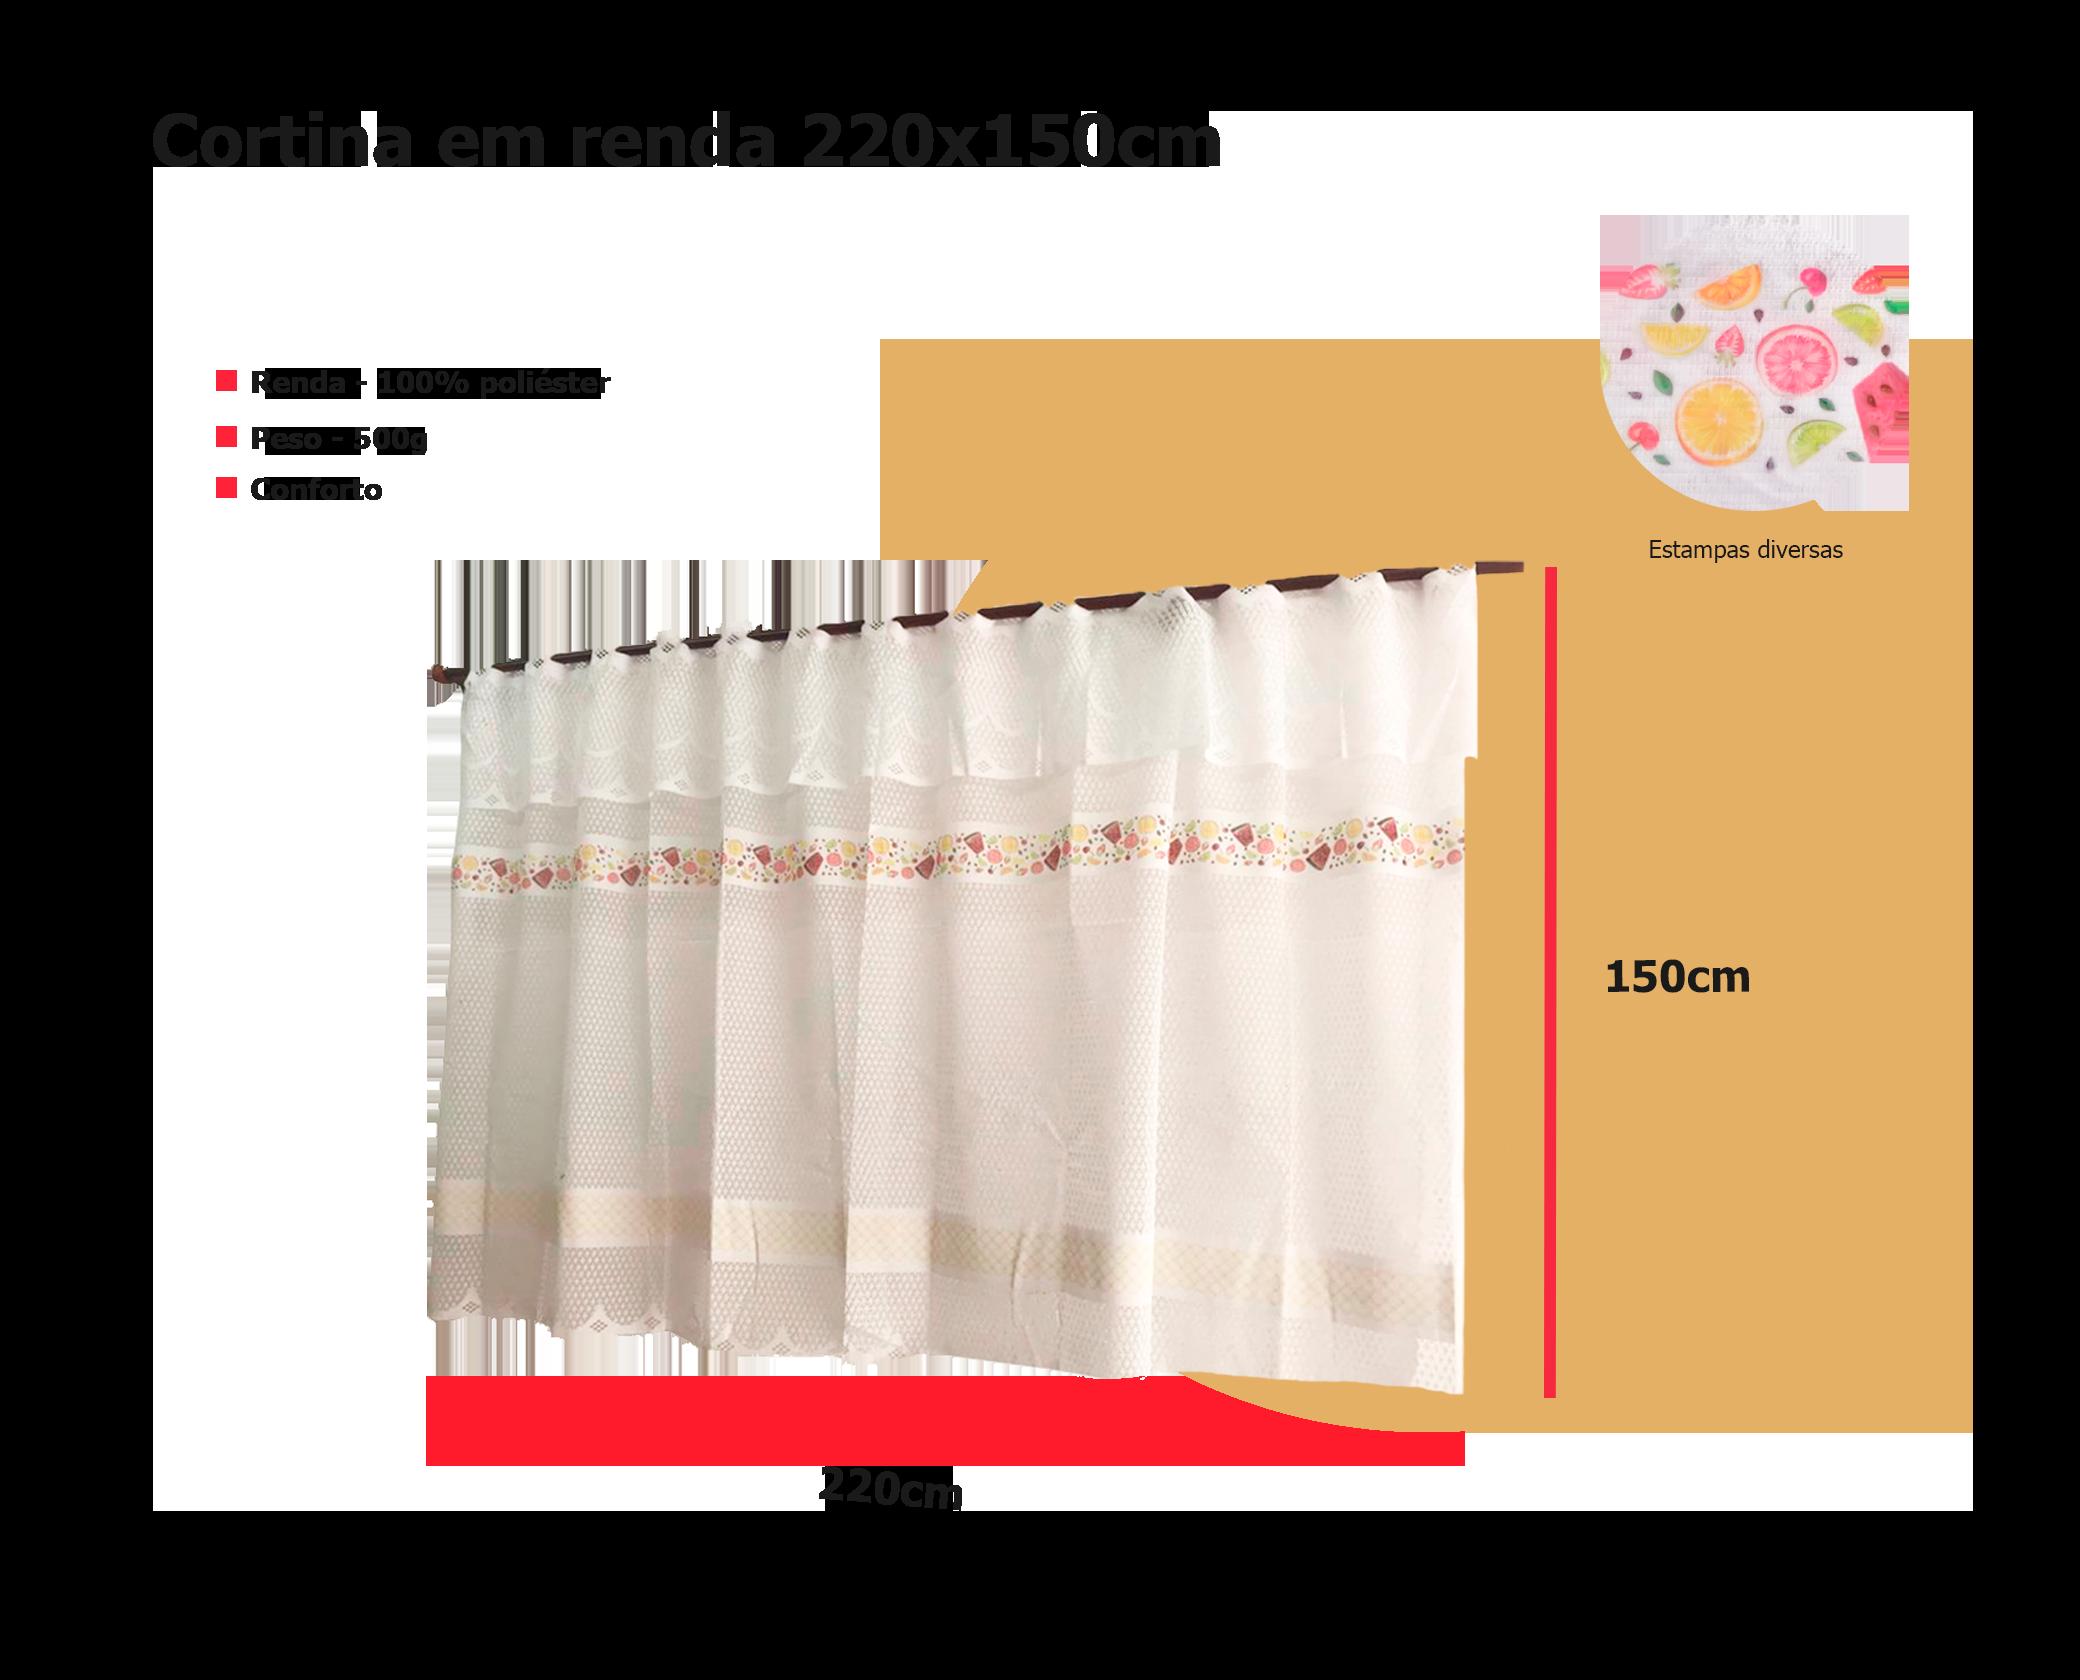 banner descritivo de cortina de renda